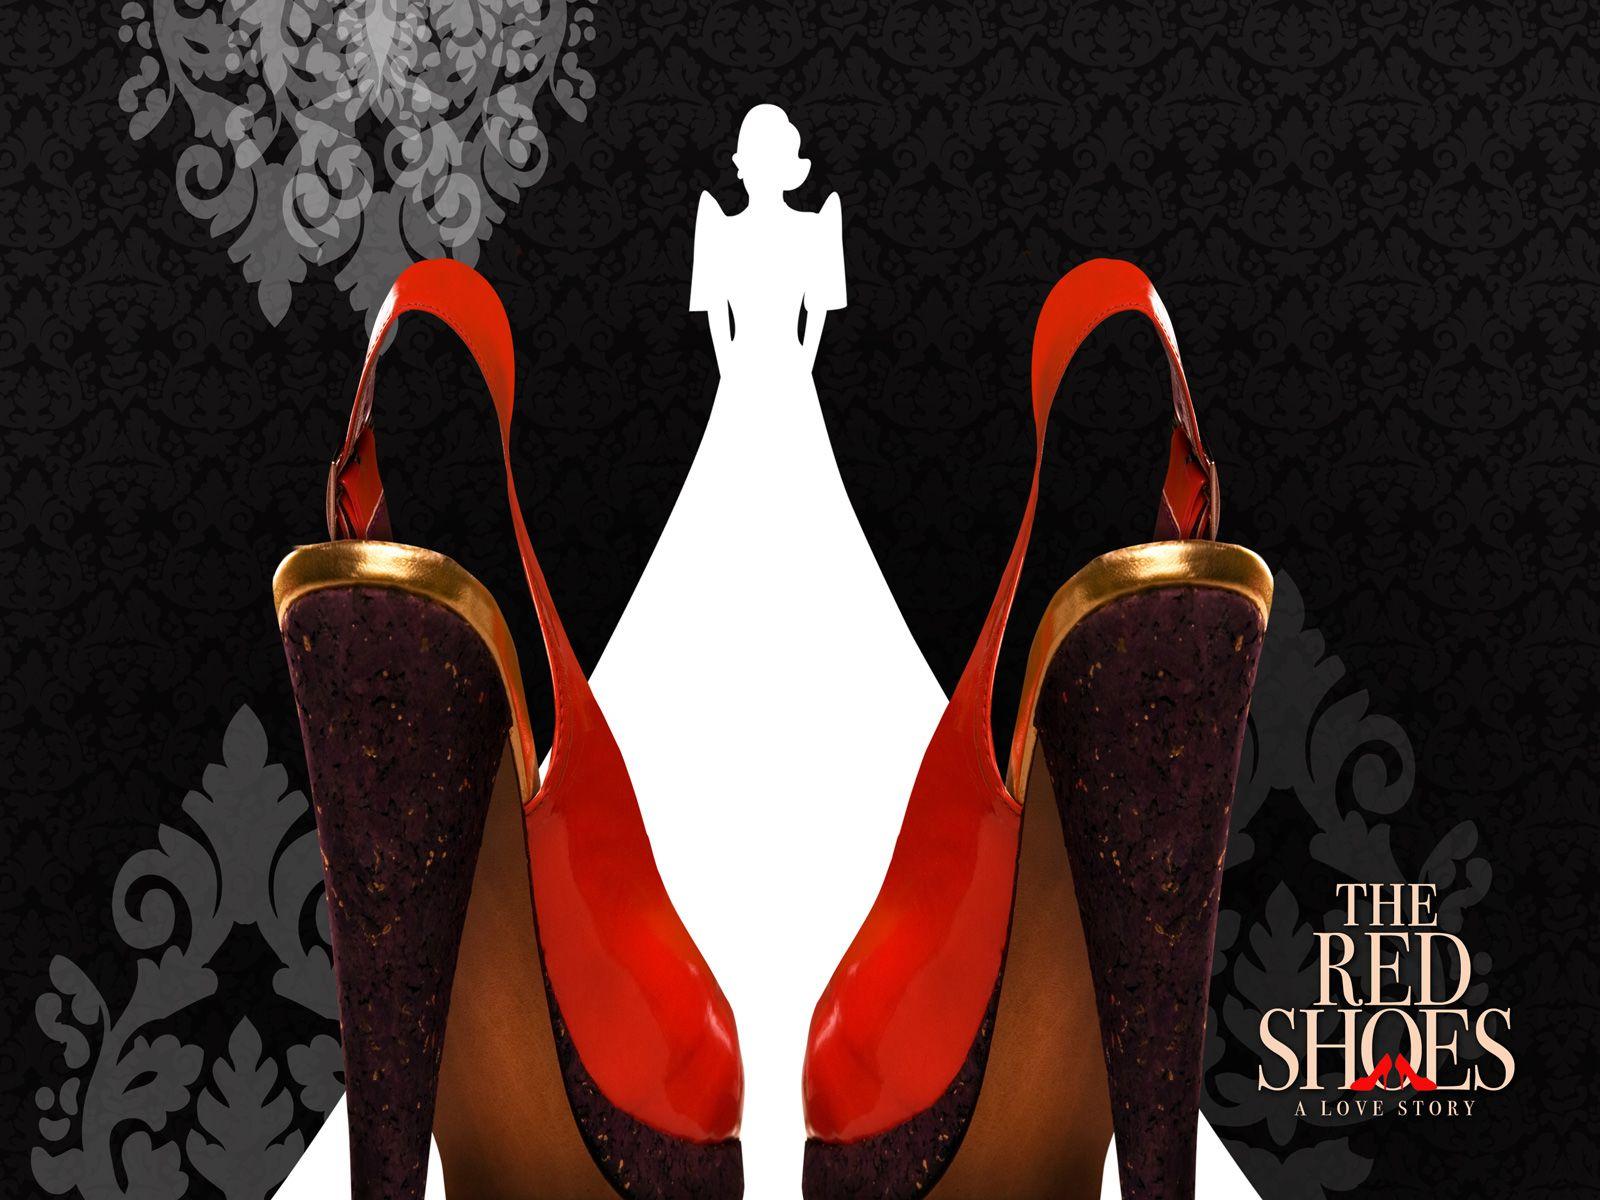 красная обувь  № 1506363 без смс